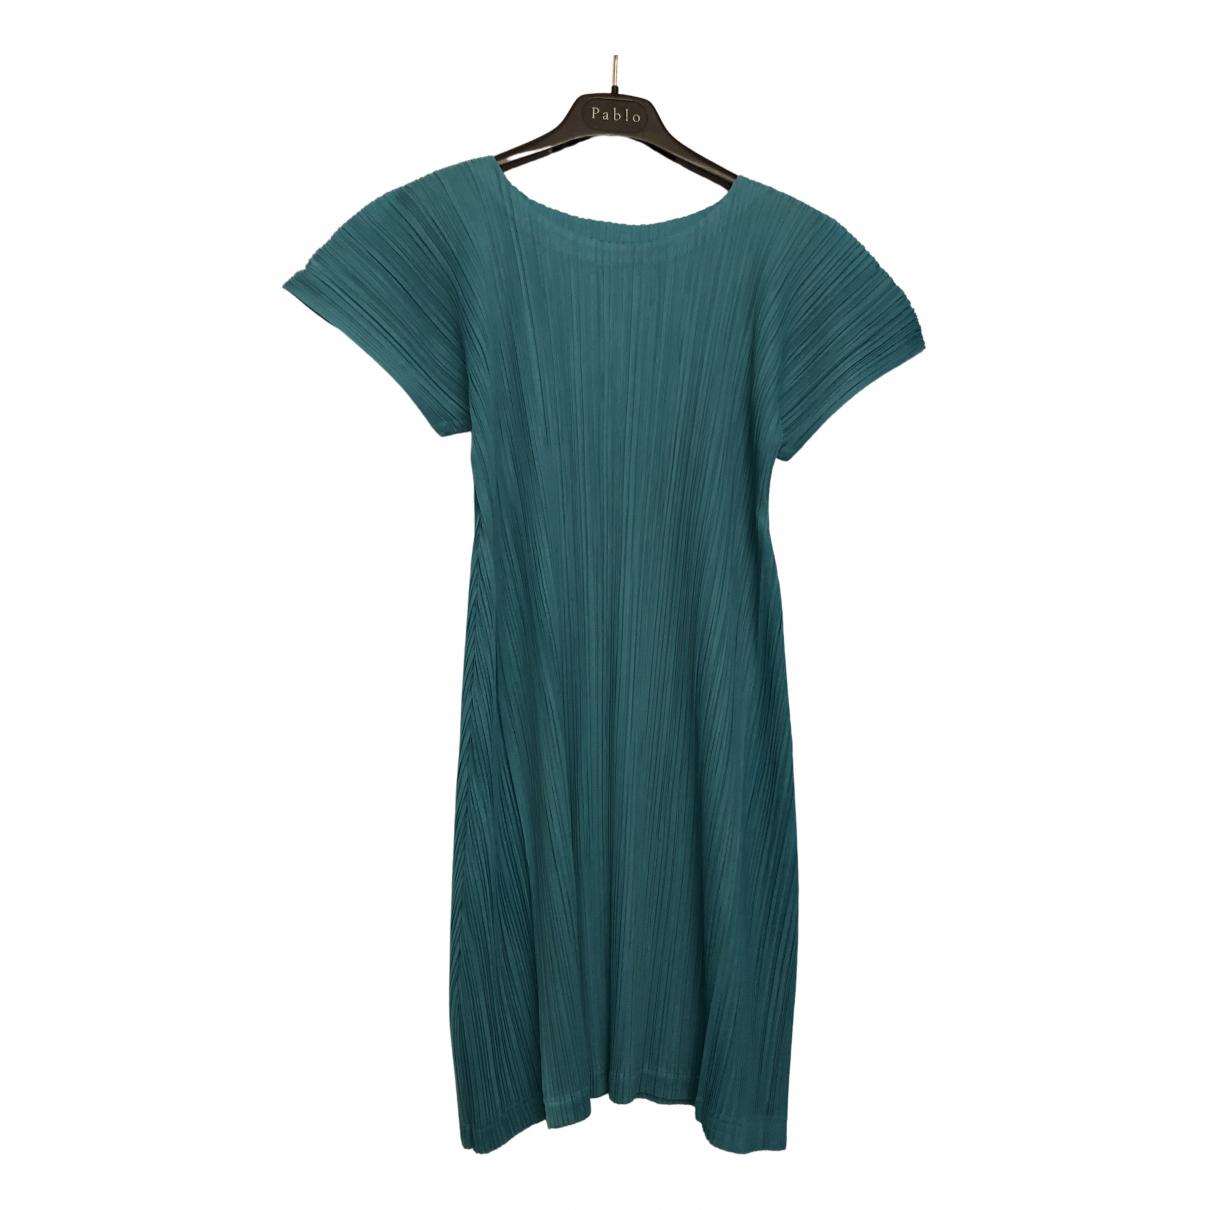 Issey Miyake \N Kleid in  Tuerkis Polyester